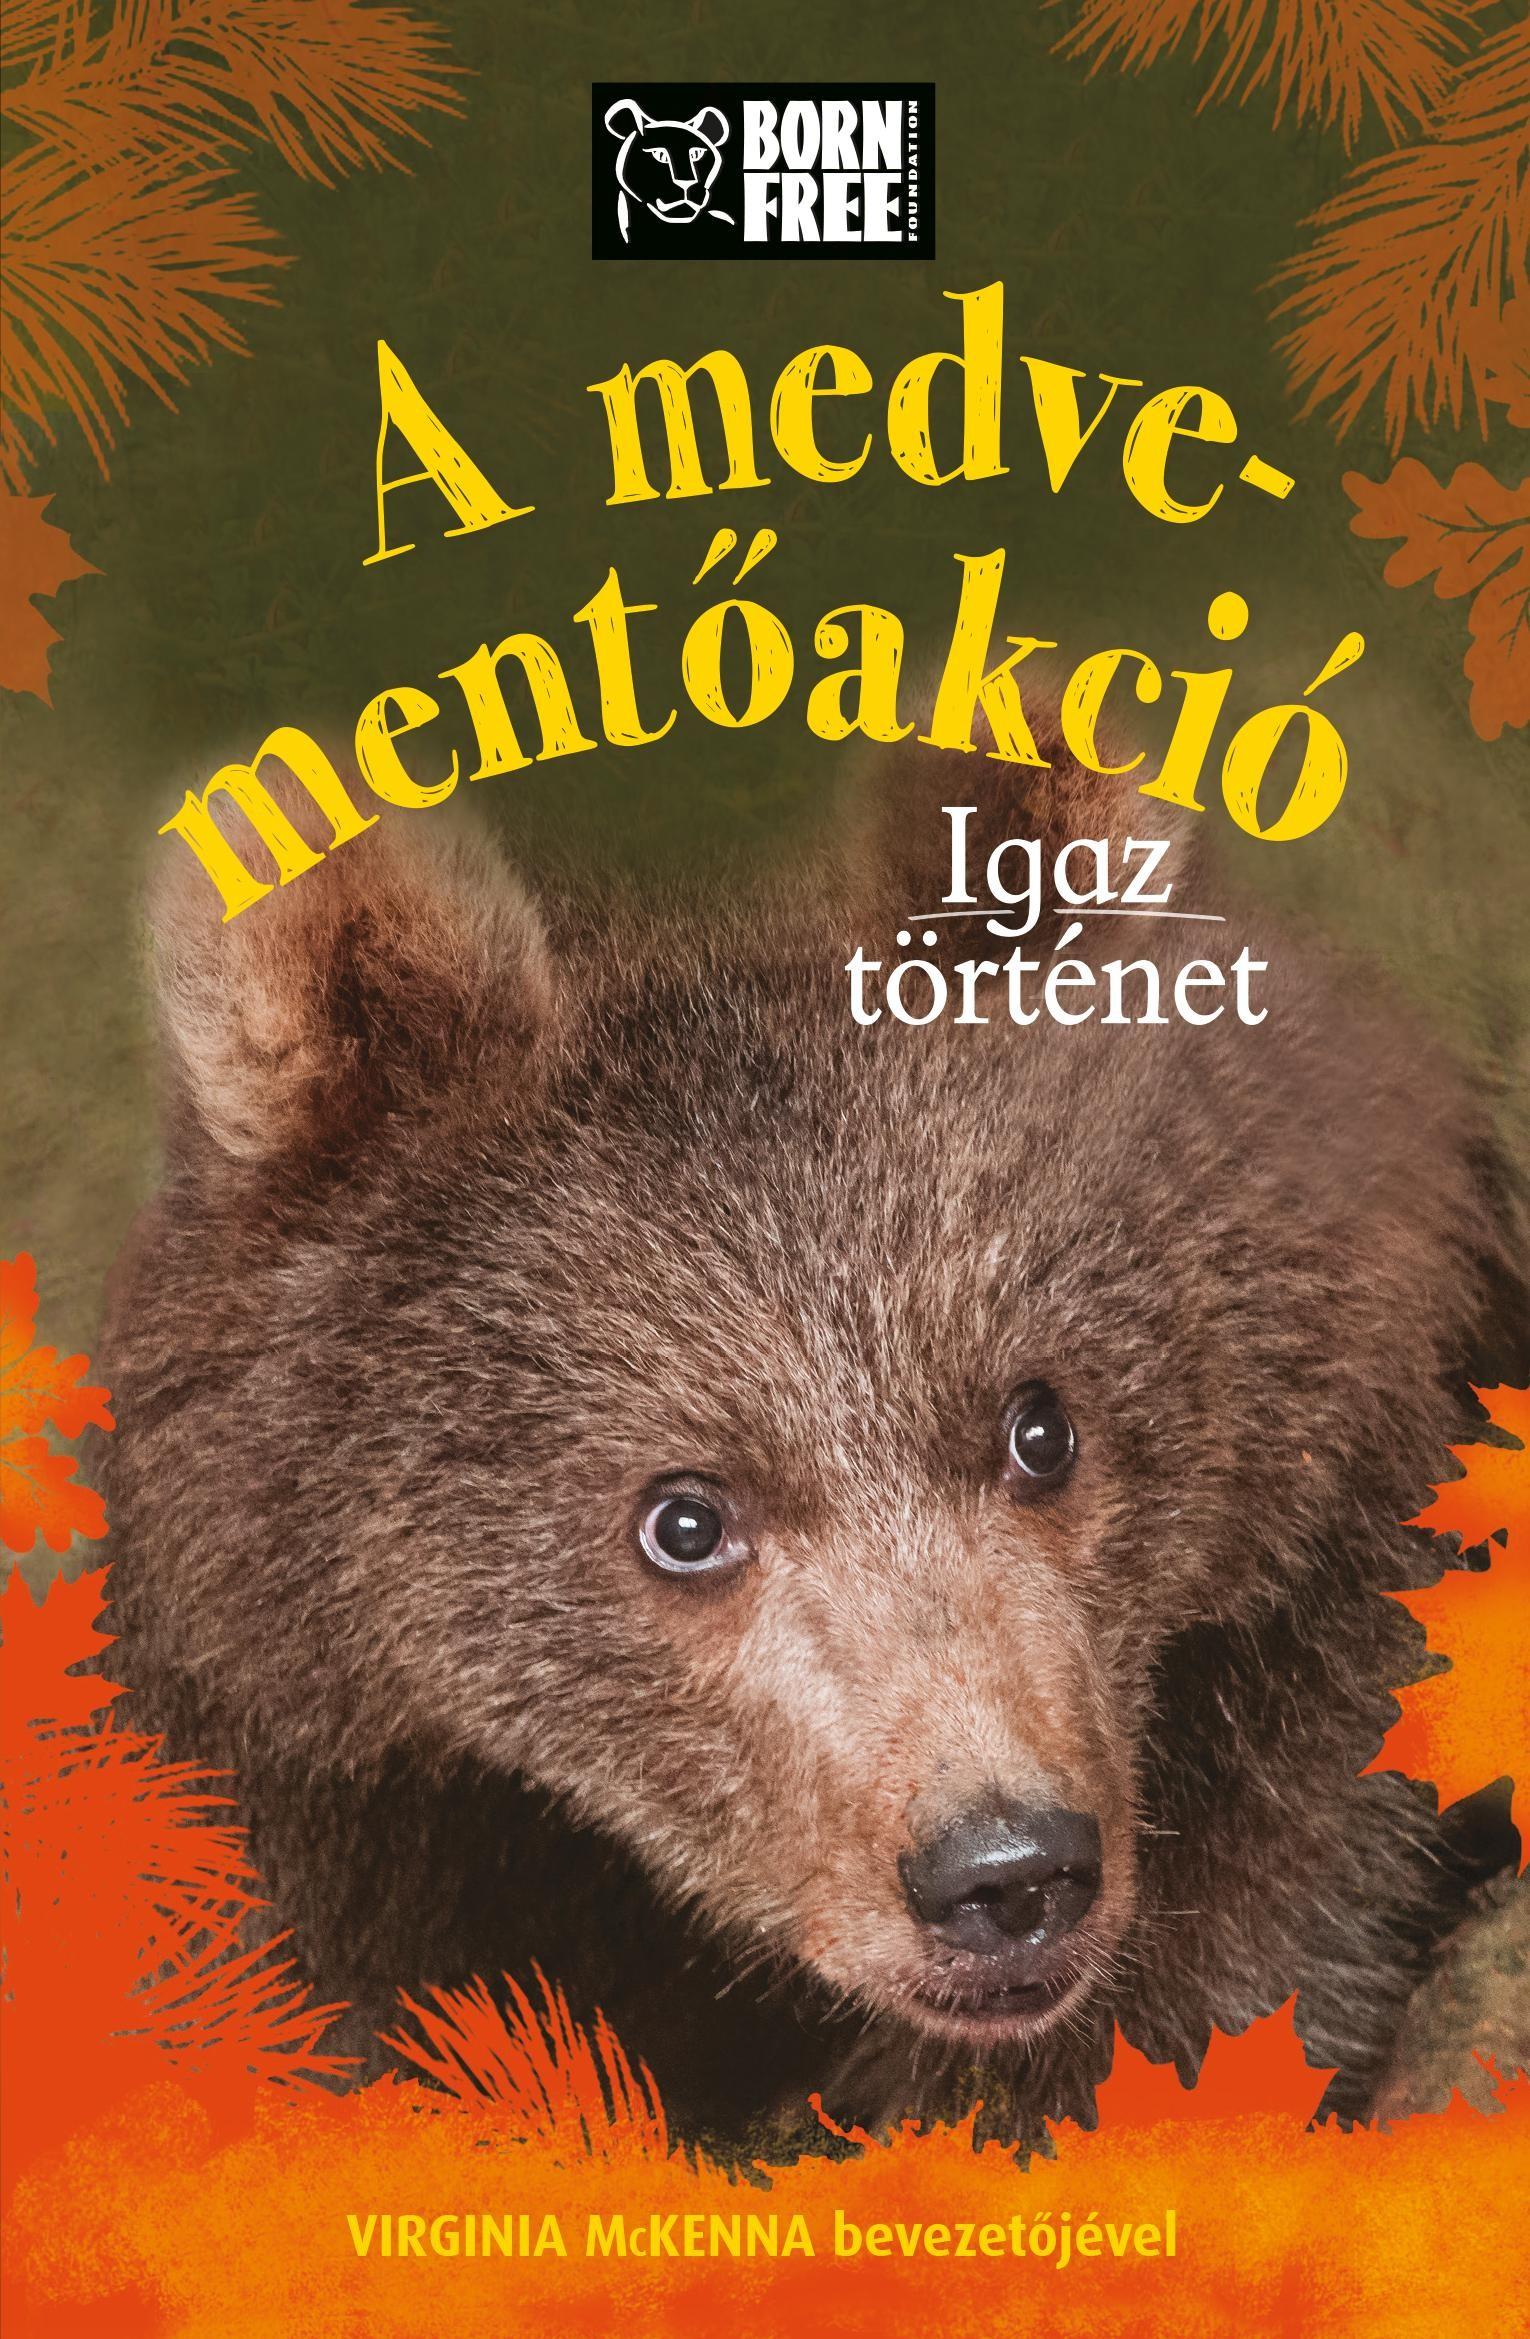 A medve-mentőakció - Igaz történet